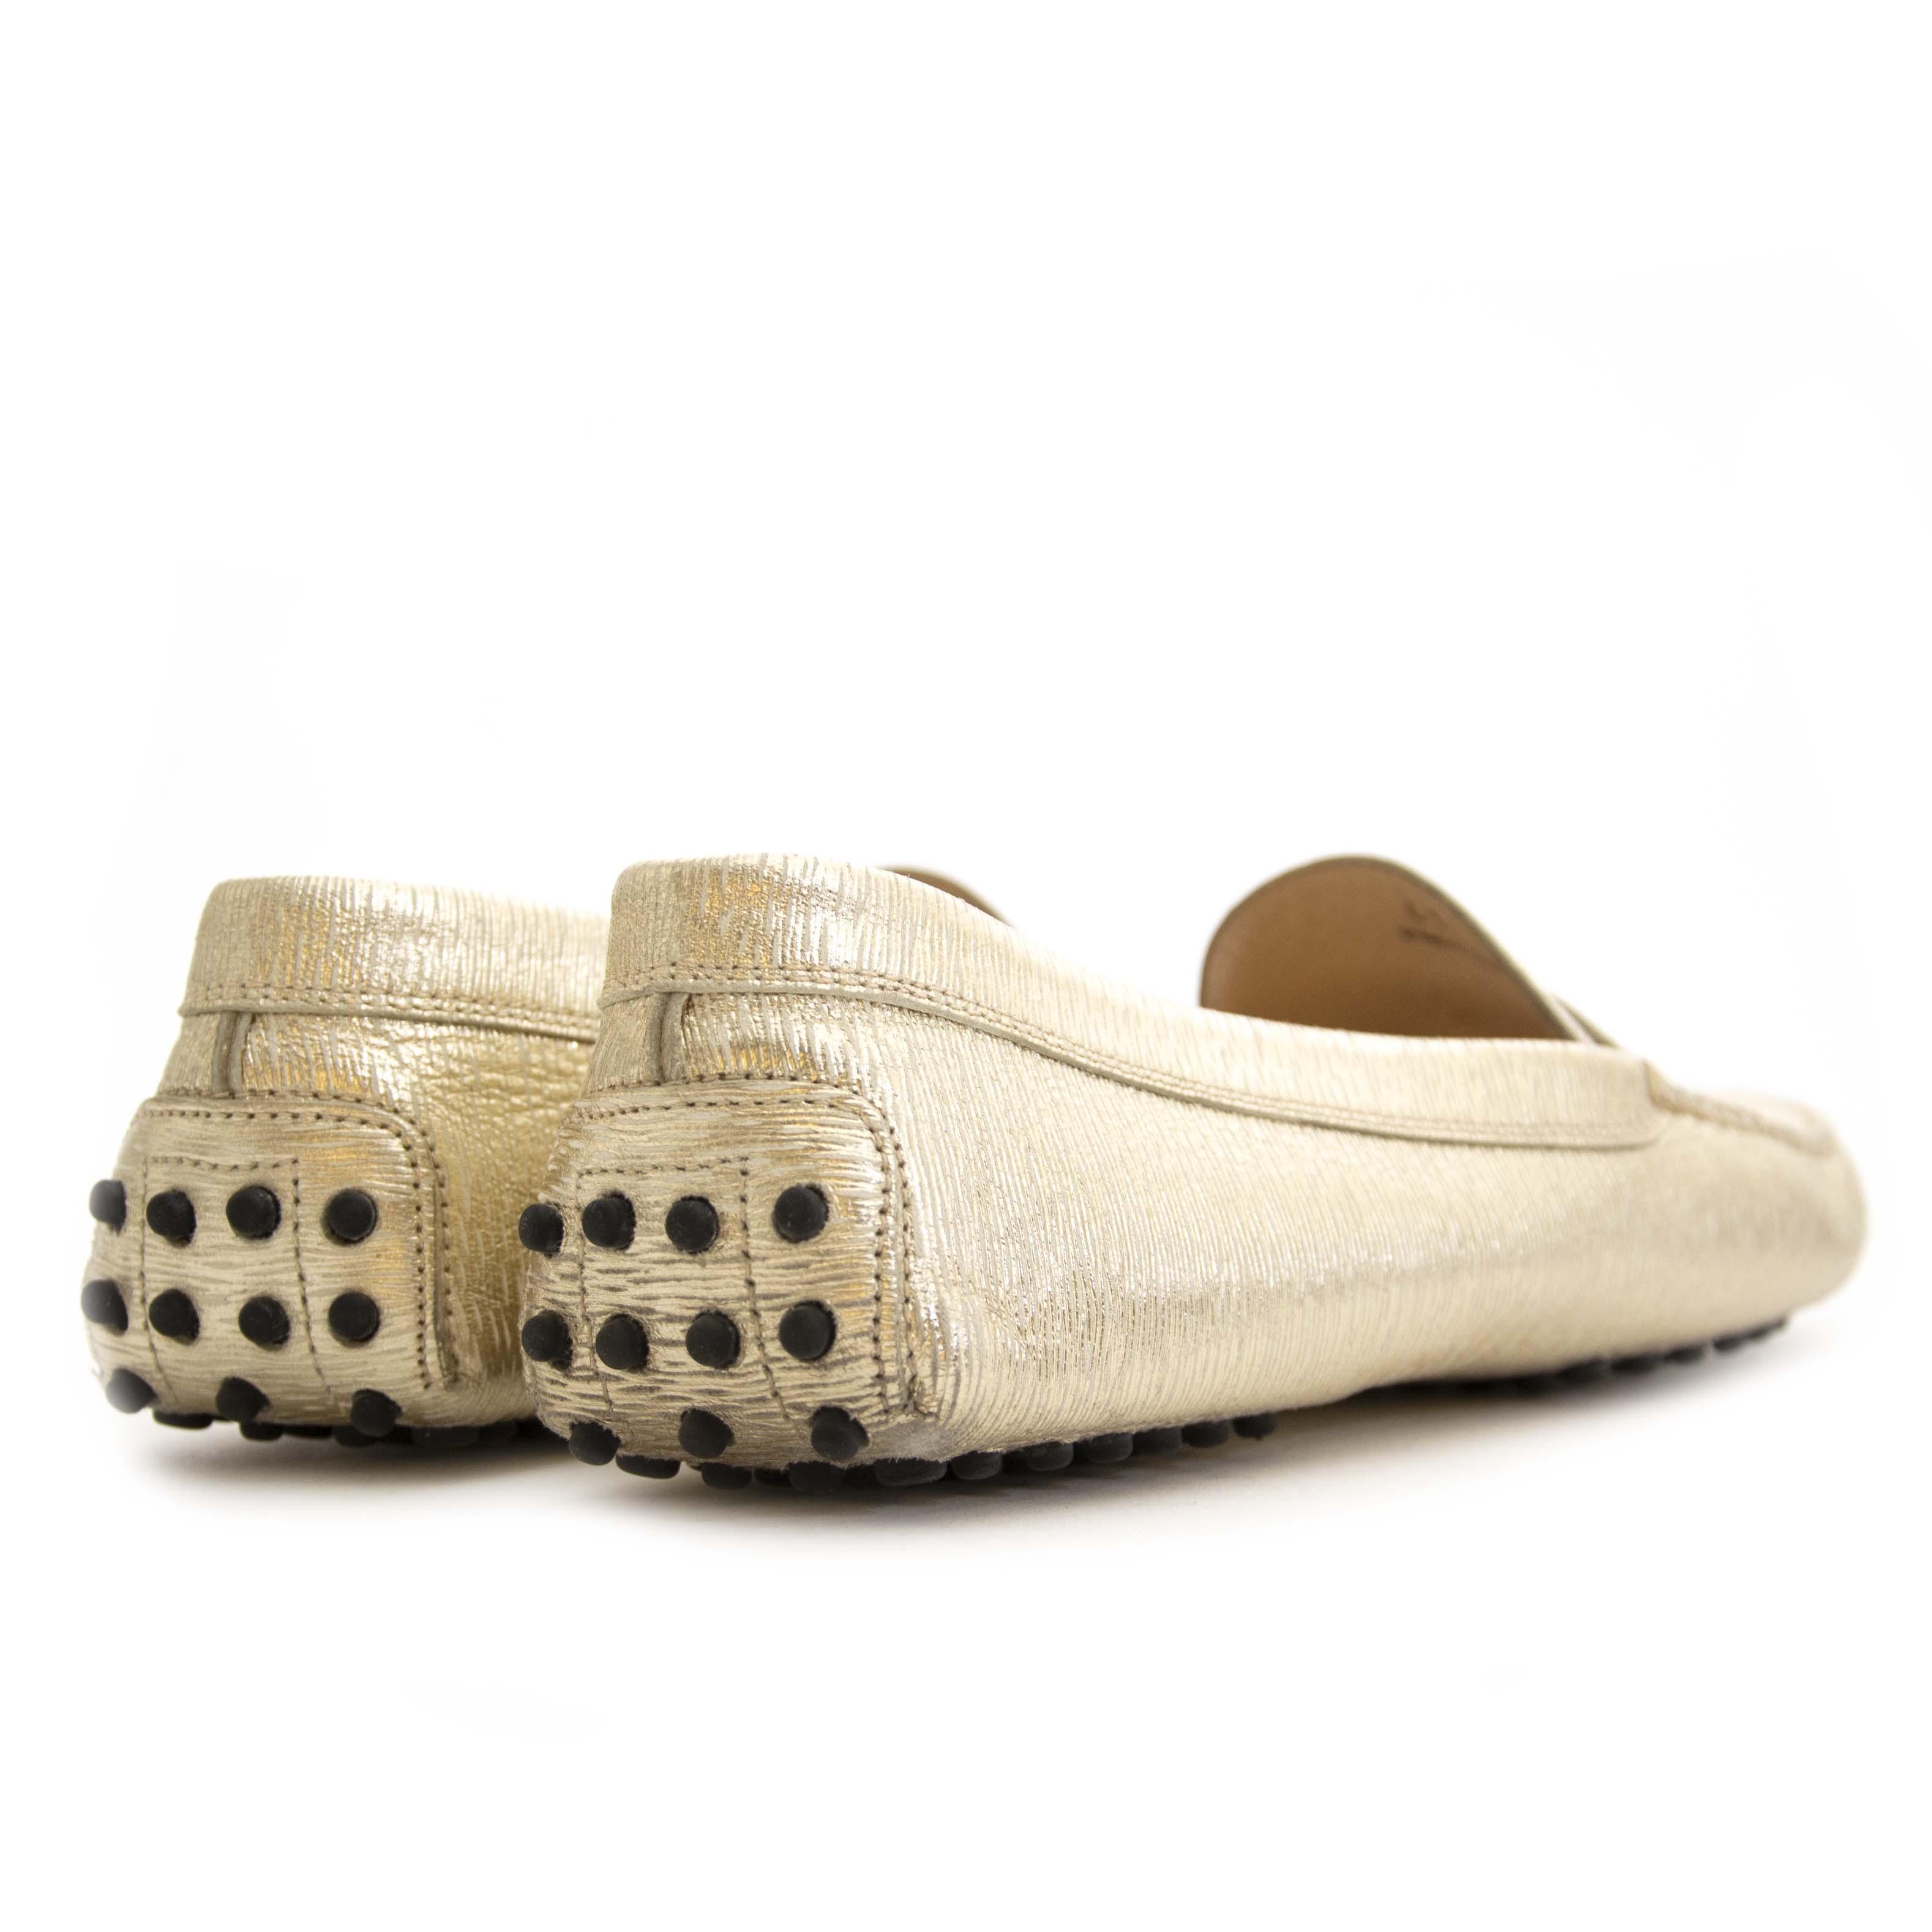 Tod's Metallic Gold Gommino Loafers - Size 41 Buy secondhand Tod's shoes at Labellov. Safe online shopping at a fair price. Koop tweedehands Tod's schoenen bij Labellov. Veilig online winkelen voor een eerlijke prijs.